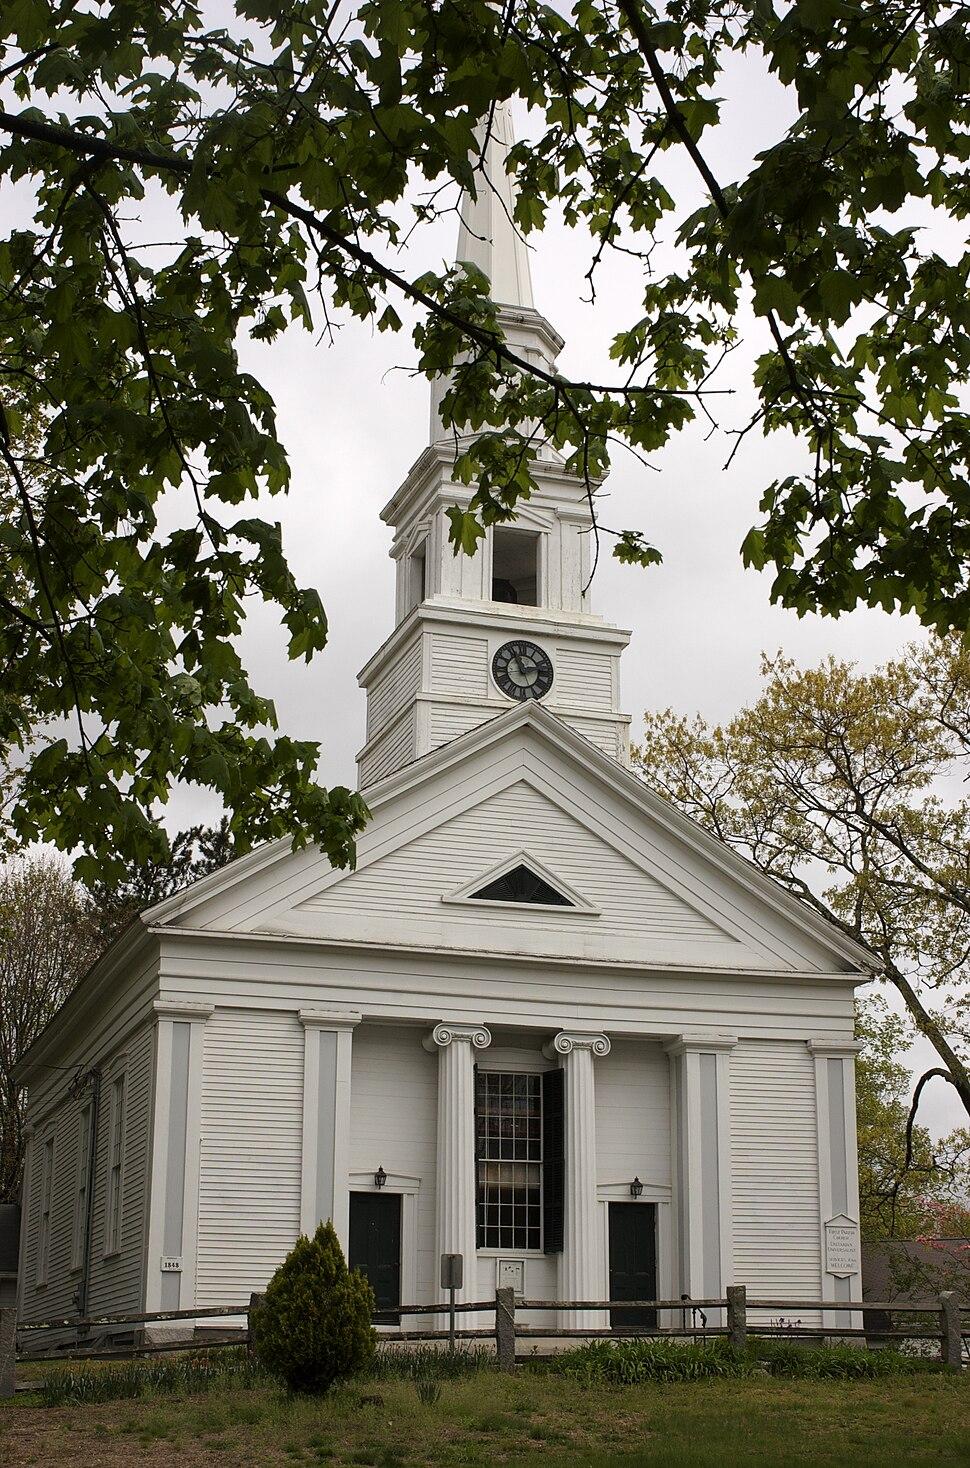 Stow MA First Parish Church